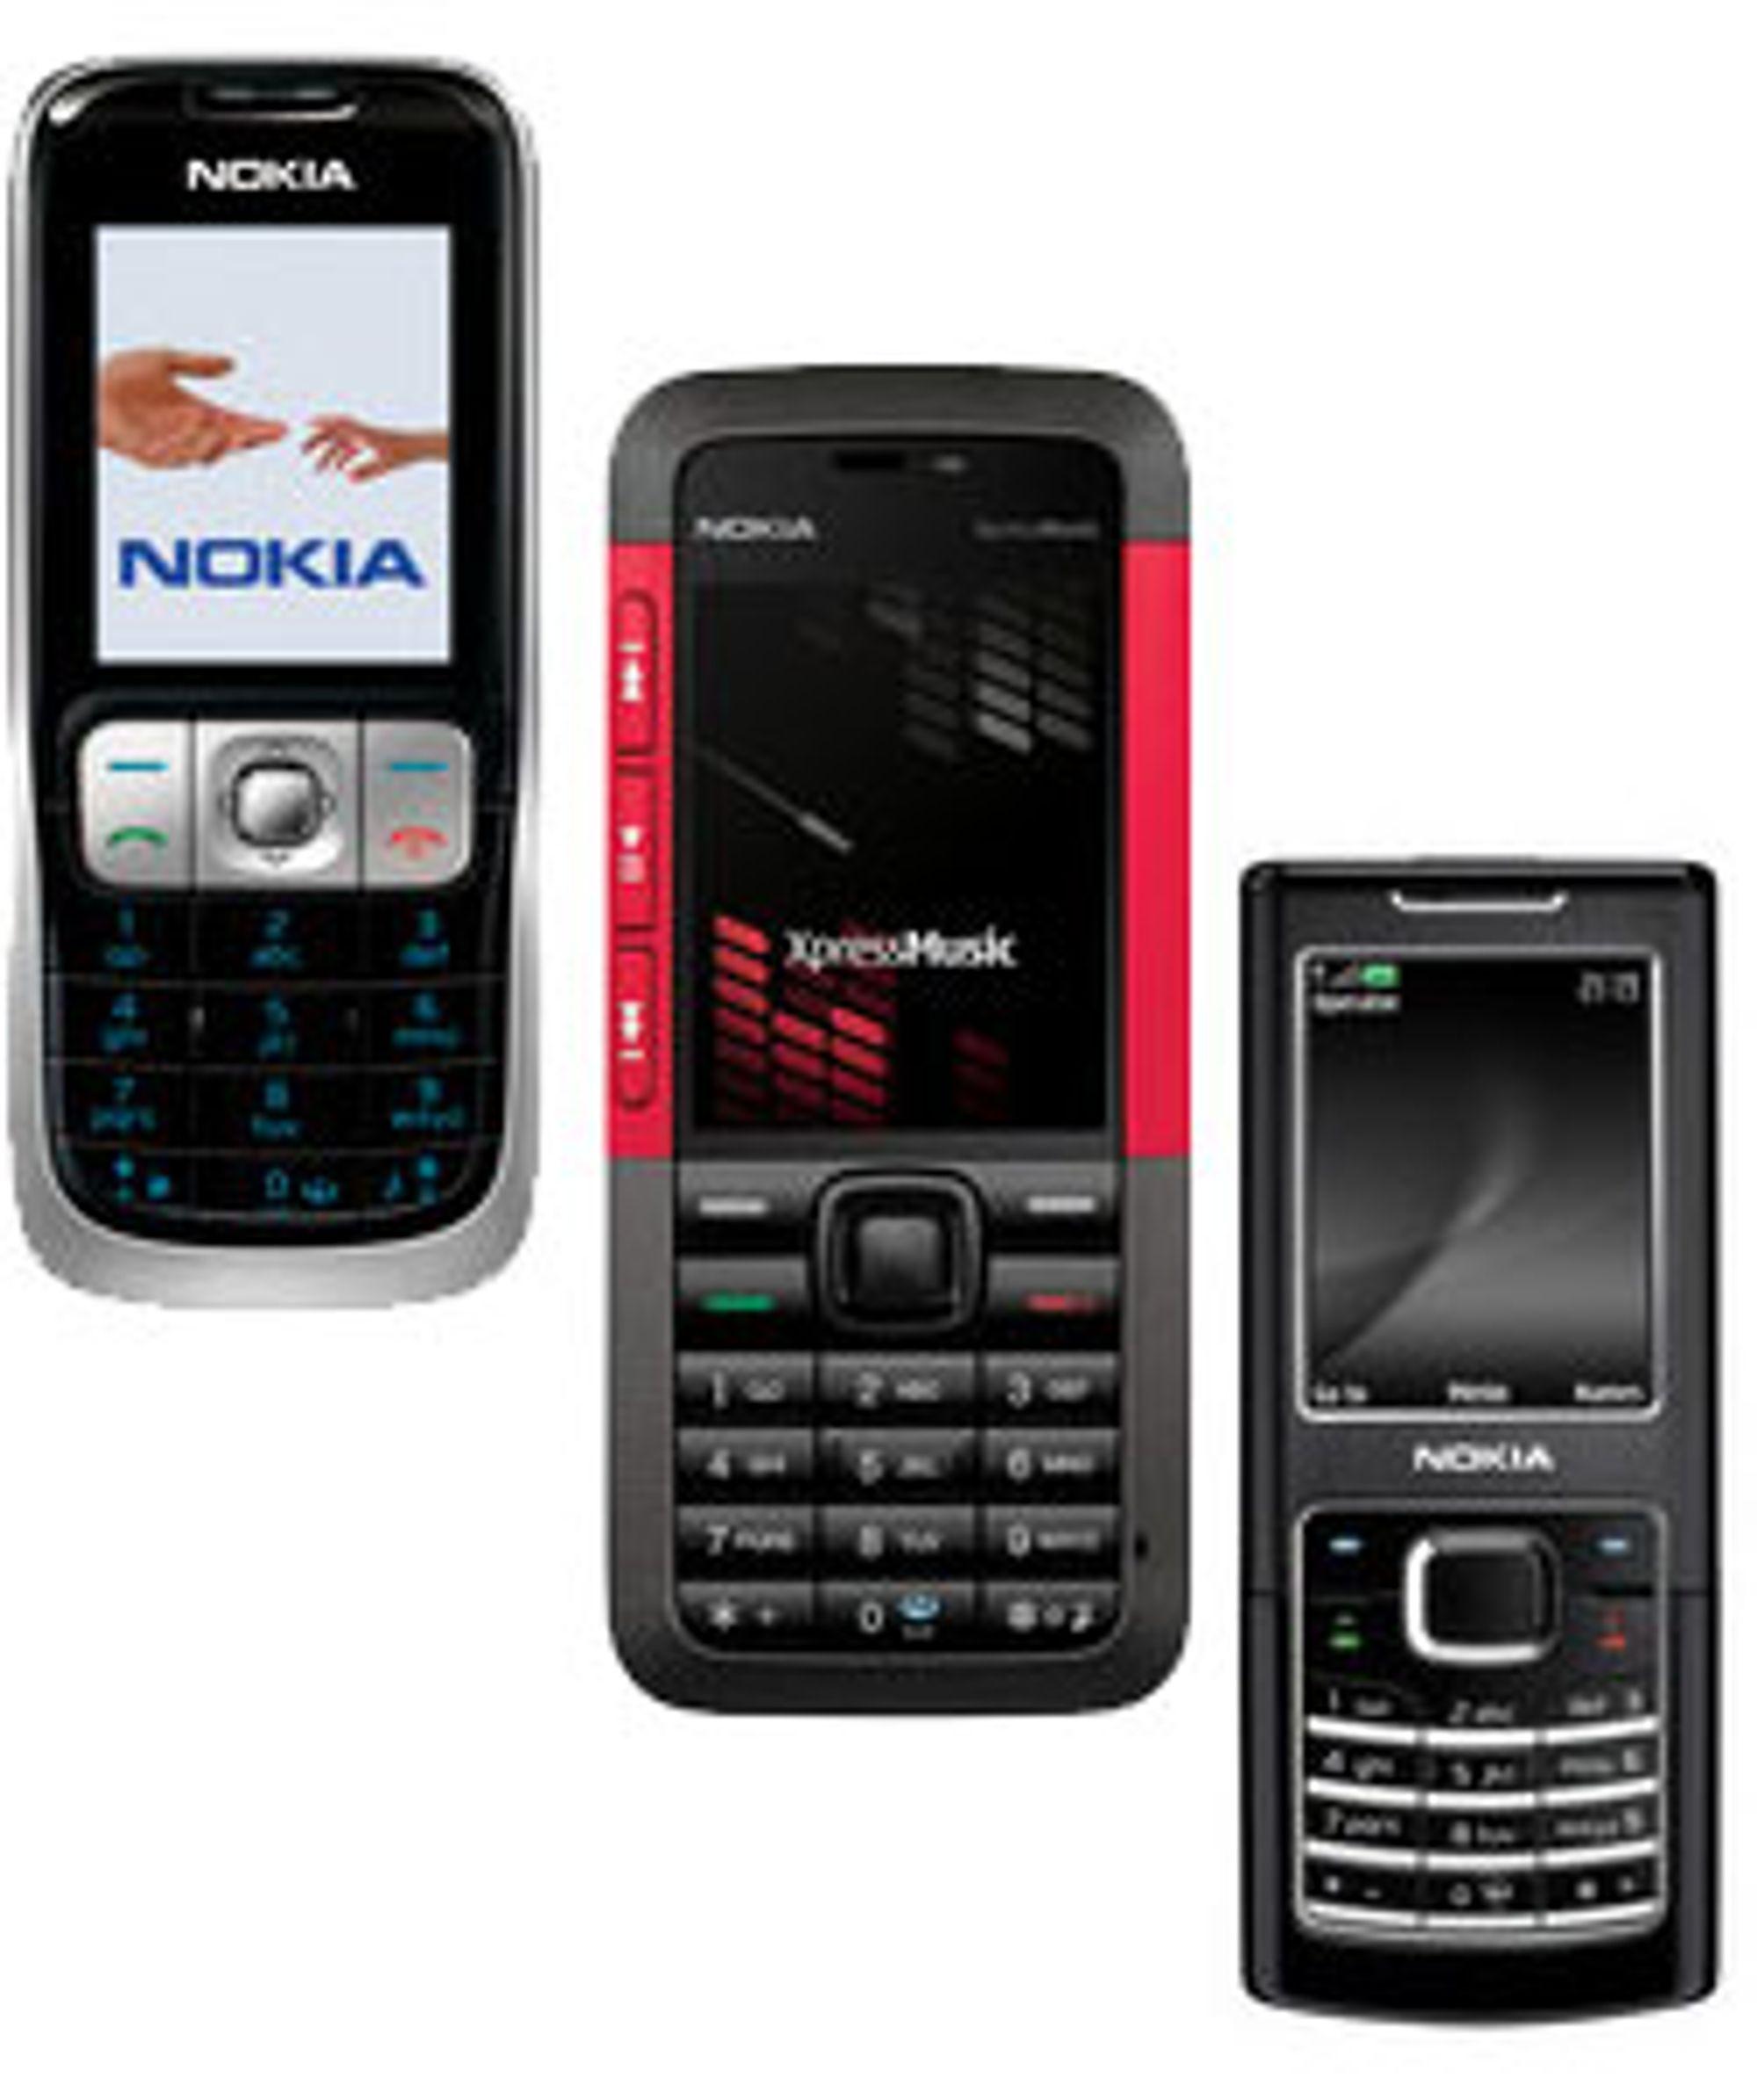 Fra venstre: Nokia 2630, 5310 og 6500 Classic.